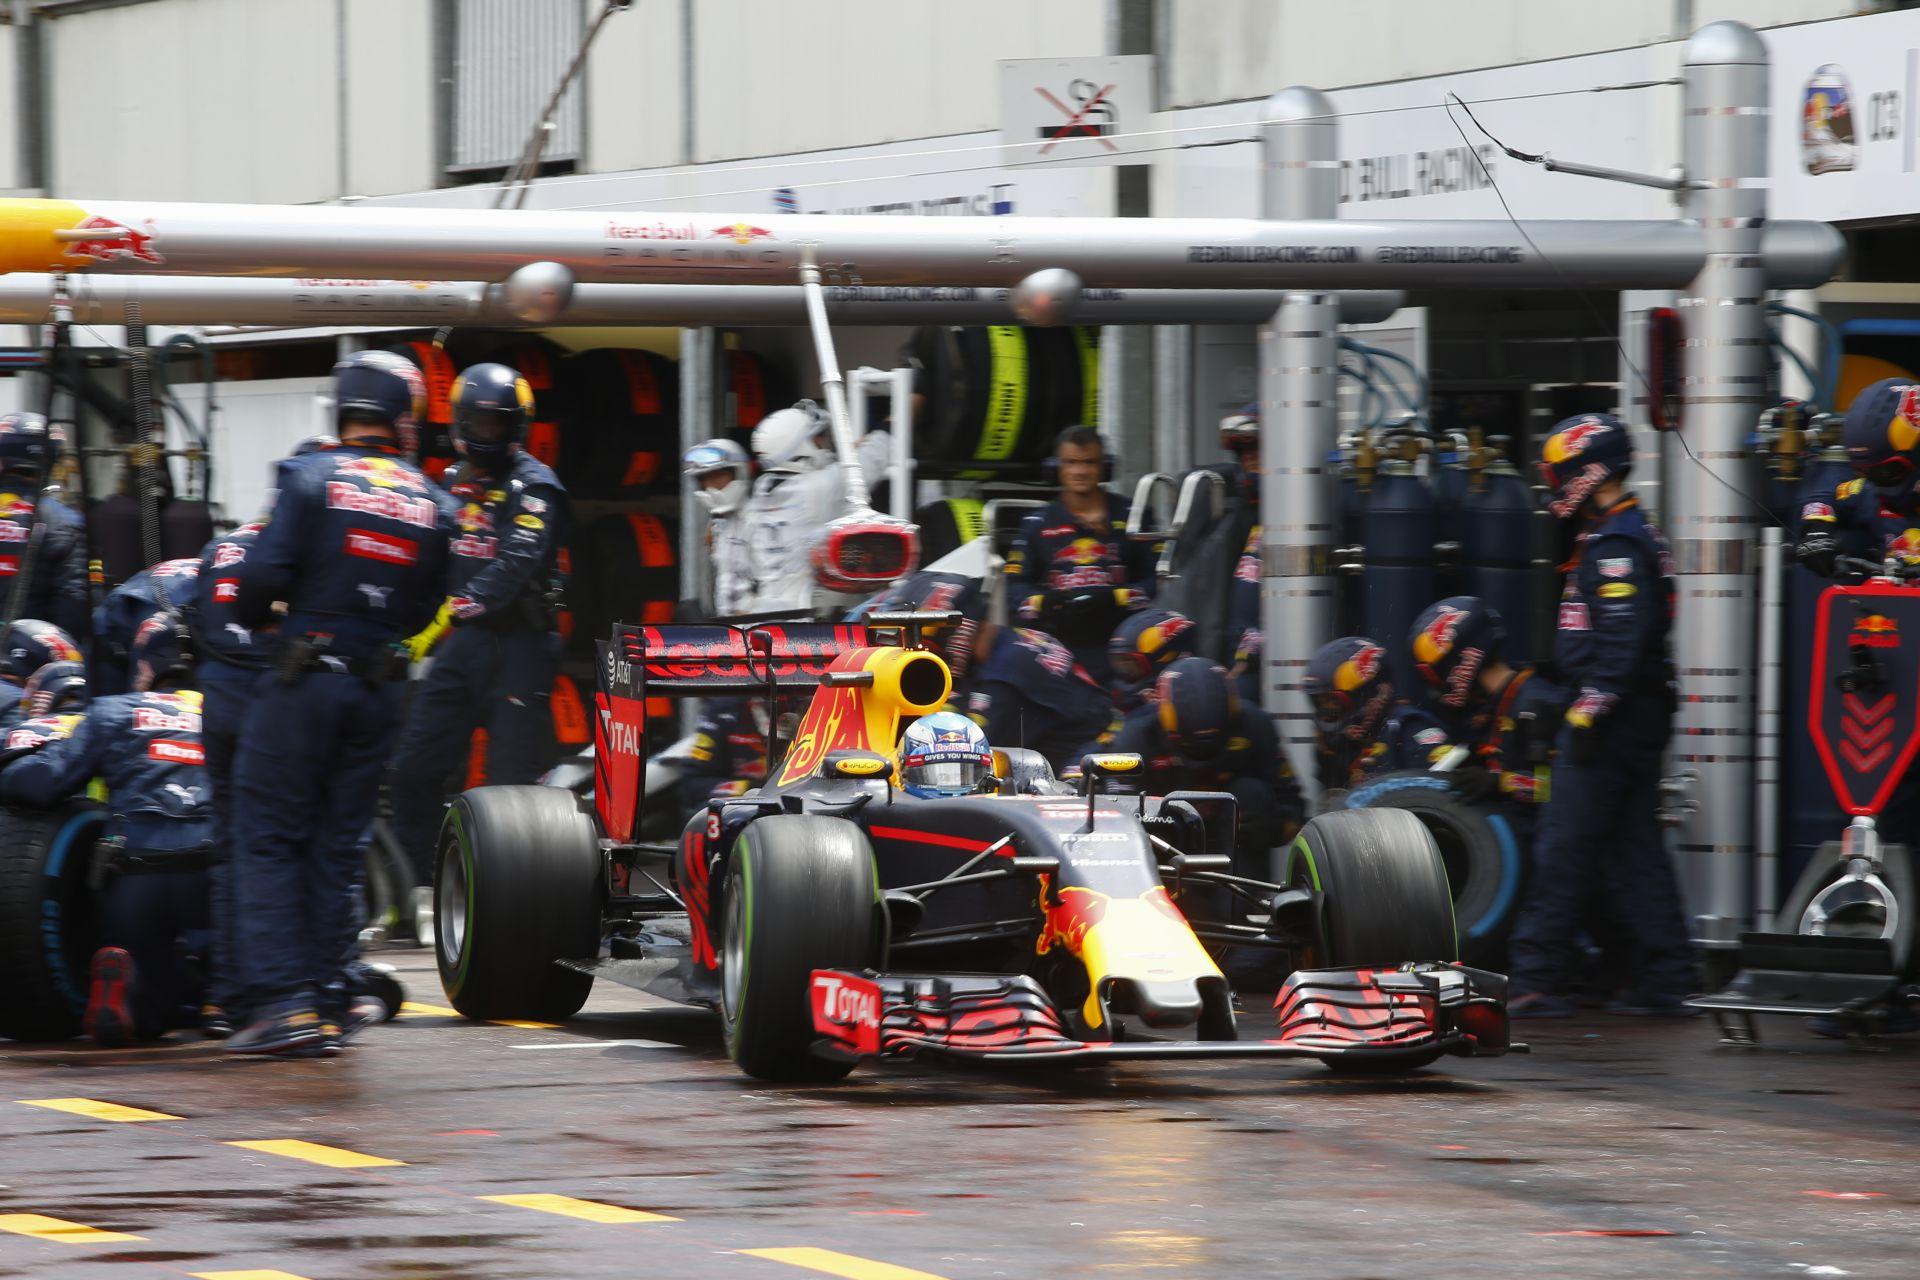 Itt a belsőkamerás nézet, ahogy Ricciardo beáll a bokszba, és csak vár és vár a kerekekre